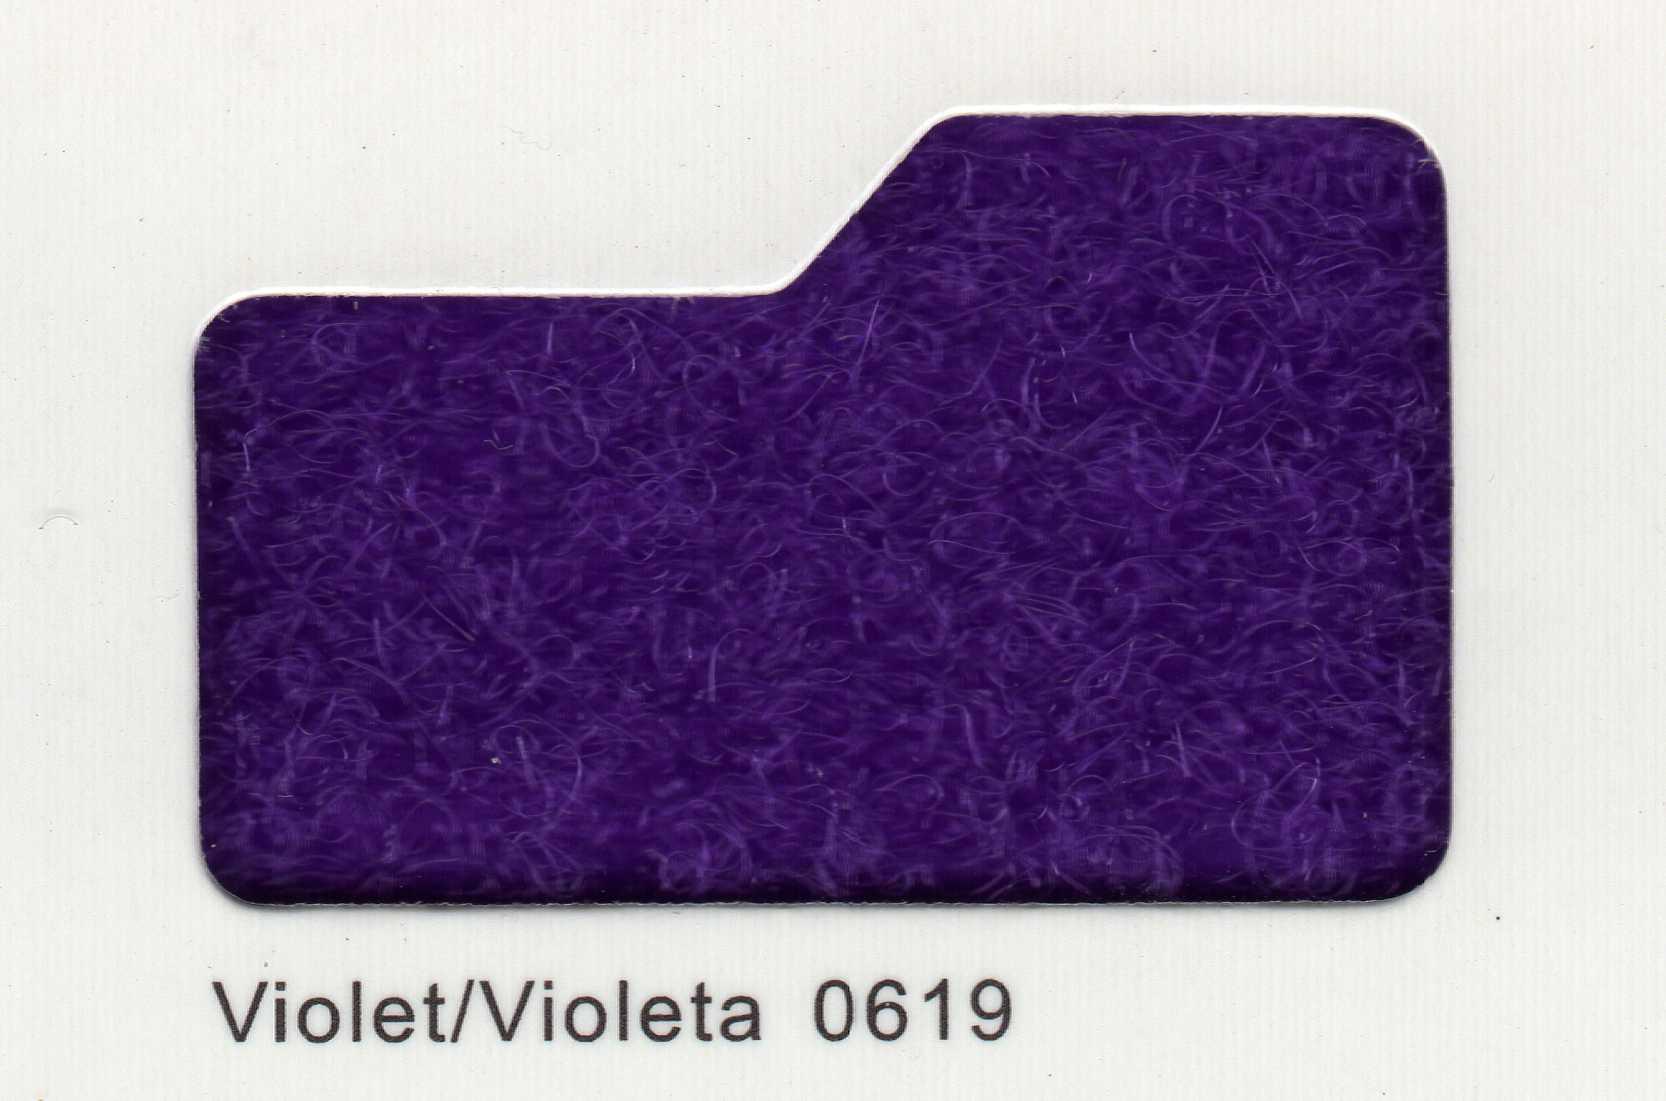 Cinta de cierre Velcro-Veraco 20mm Violeta 0619 (Gancho).